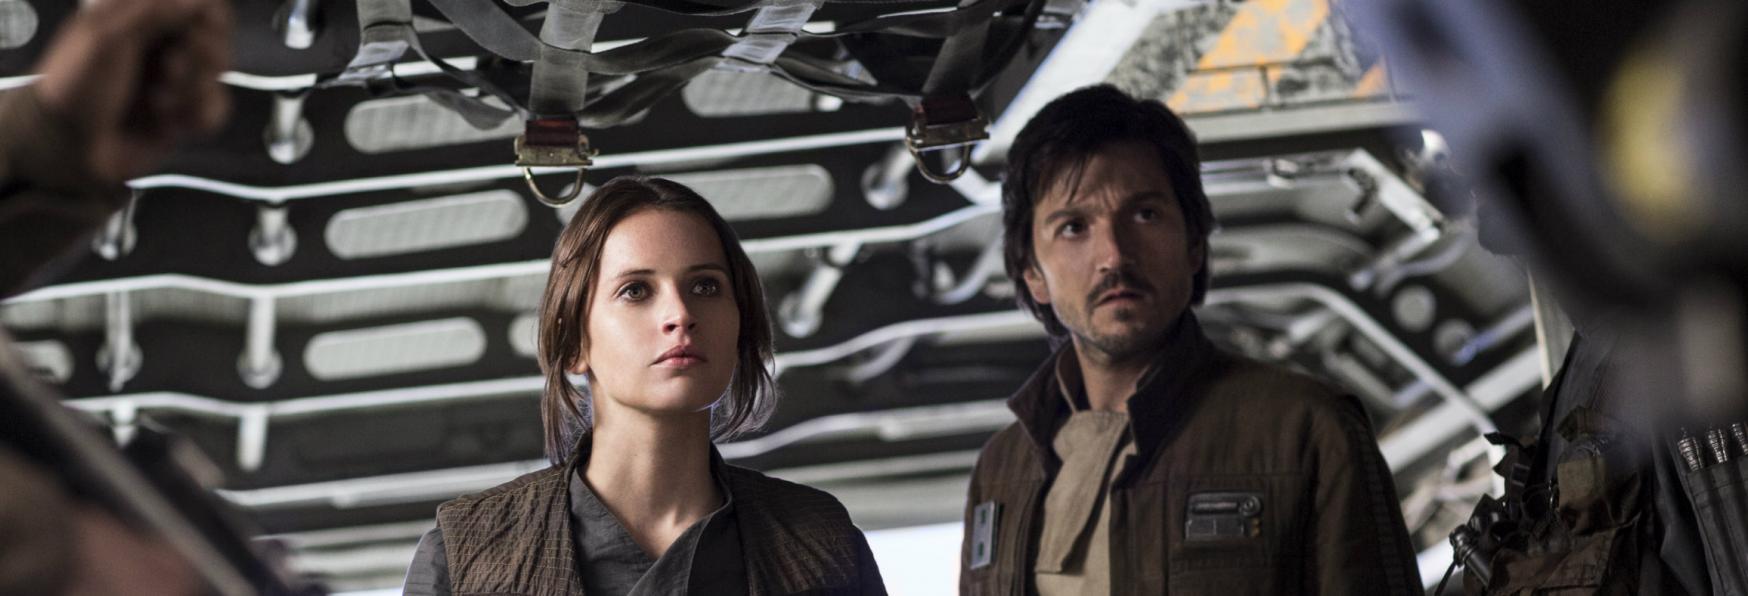 Andor: Concluse le Riprese della nuova Serie TV ambientata nell'Universo Star Wars